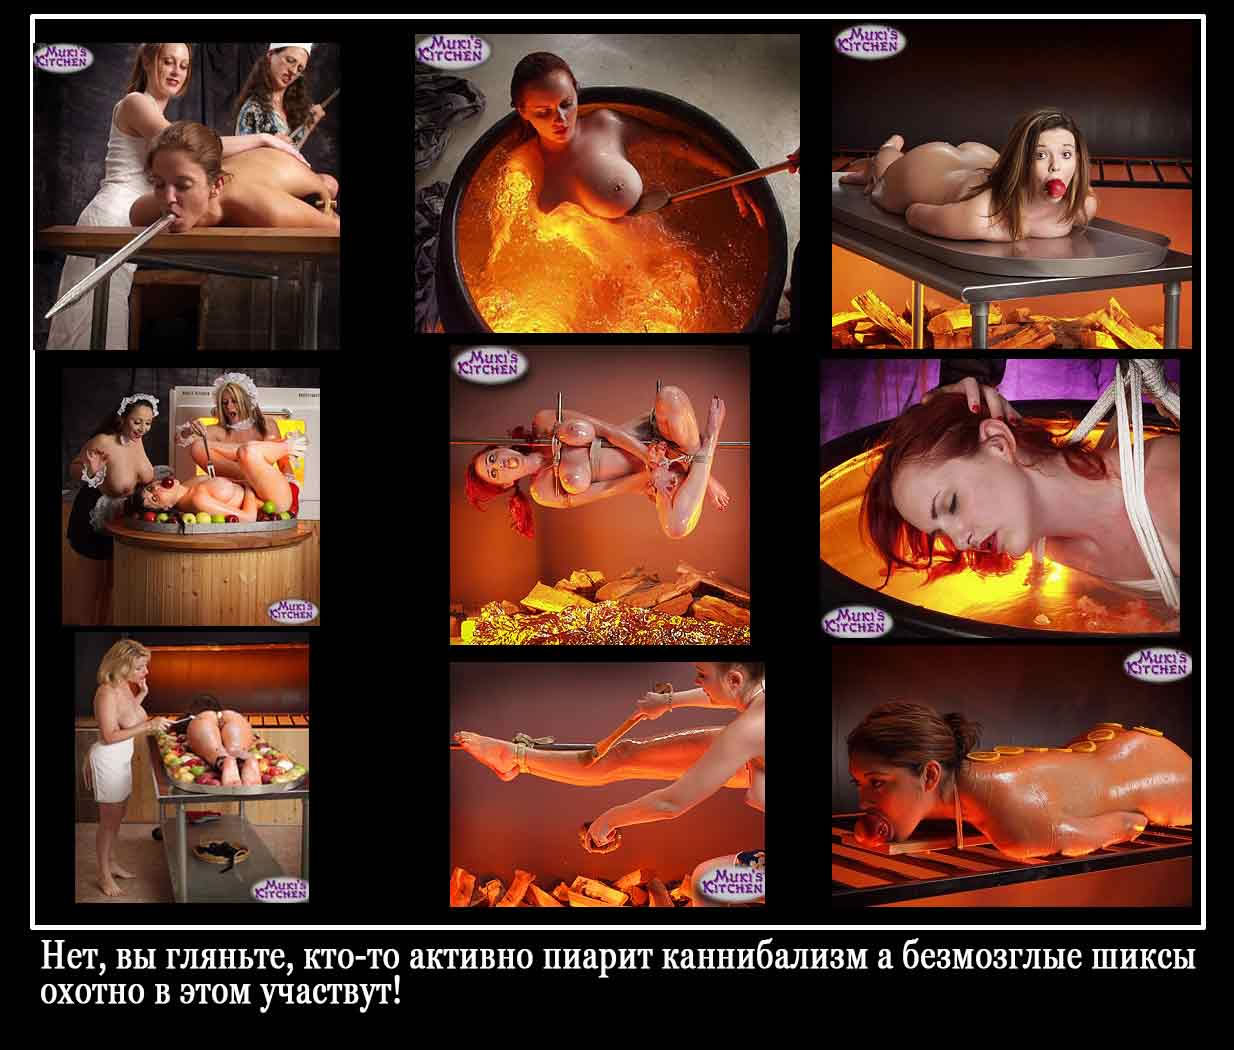 Мамки инцест порно онлайн бесплатно фото